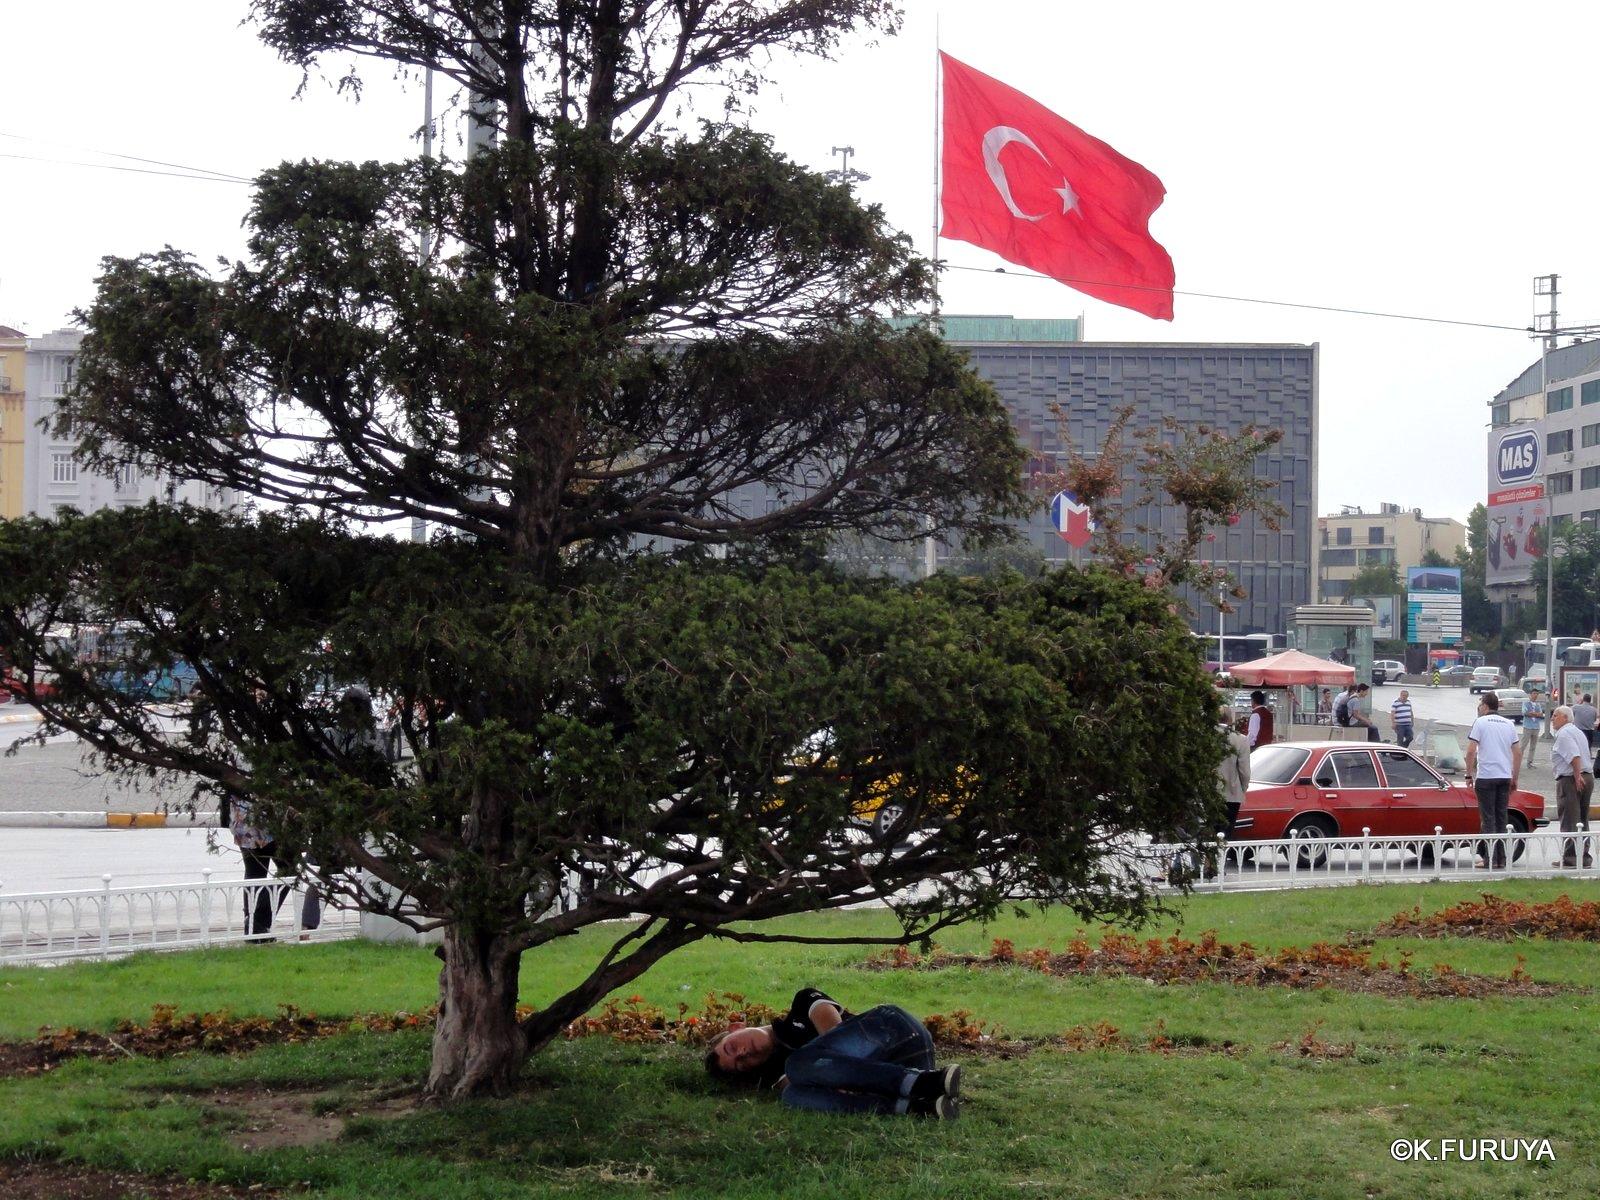 トルコ旅行記 42 イスタンブール タクシム広場_a0092659_22485068.jpg